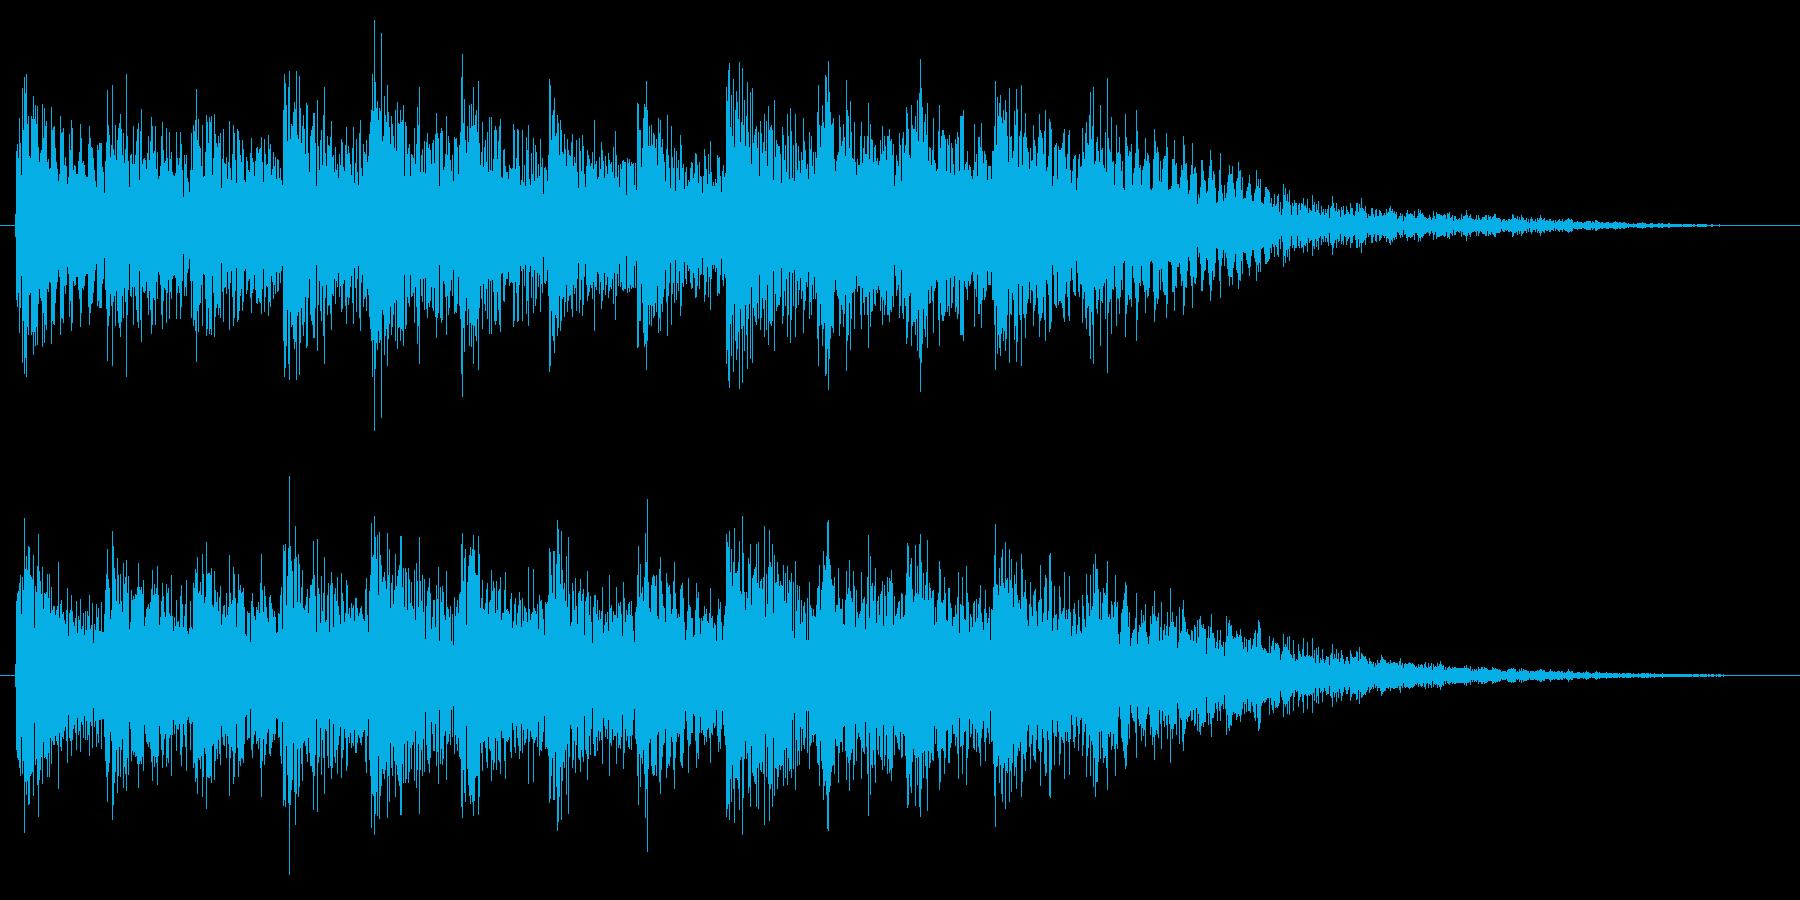 和風効果音 琴 場面転換 切替 Ver2の再生済みの波形